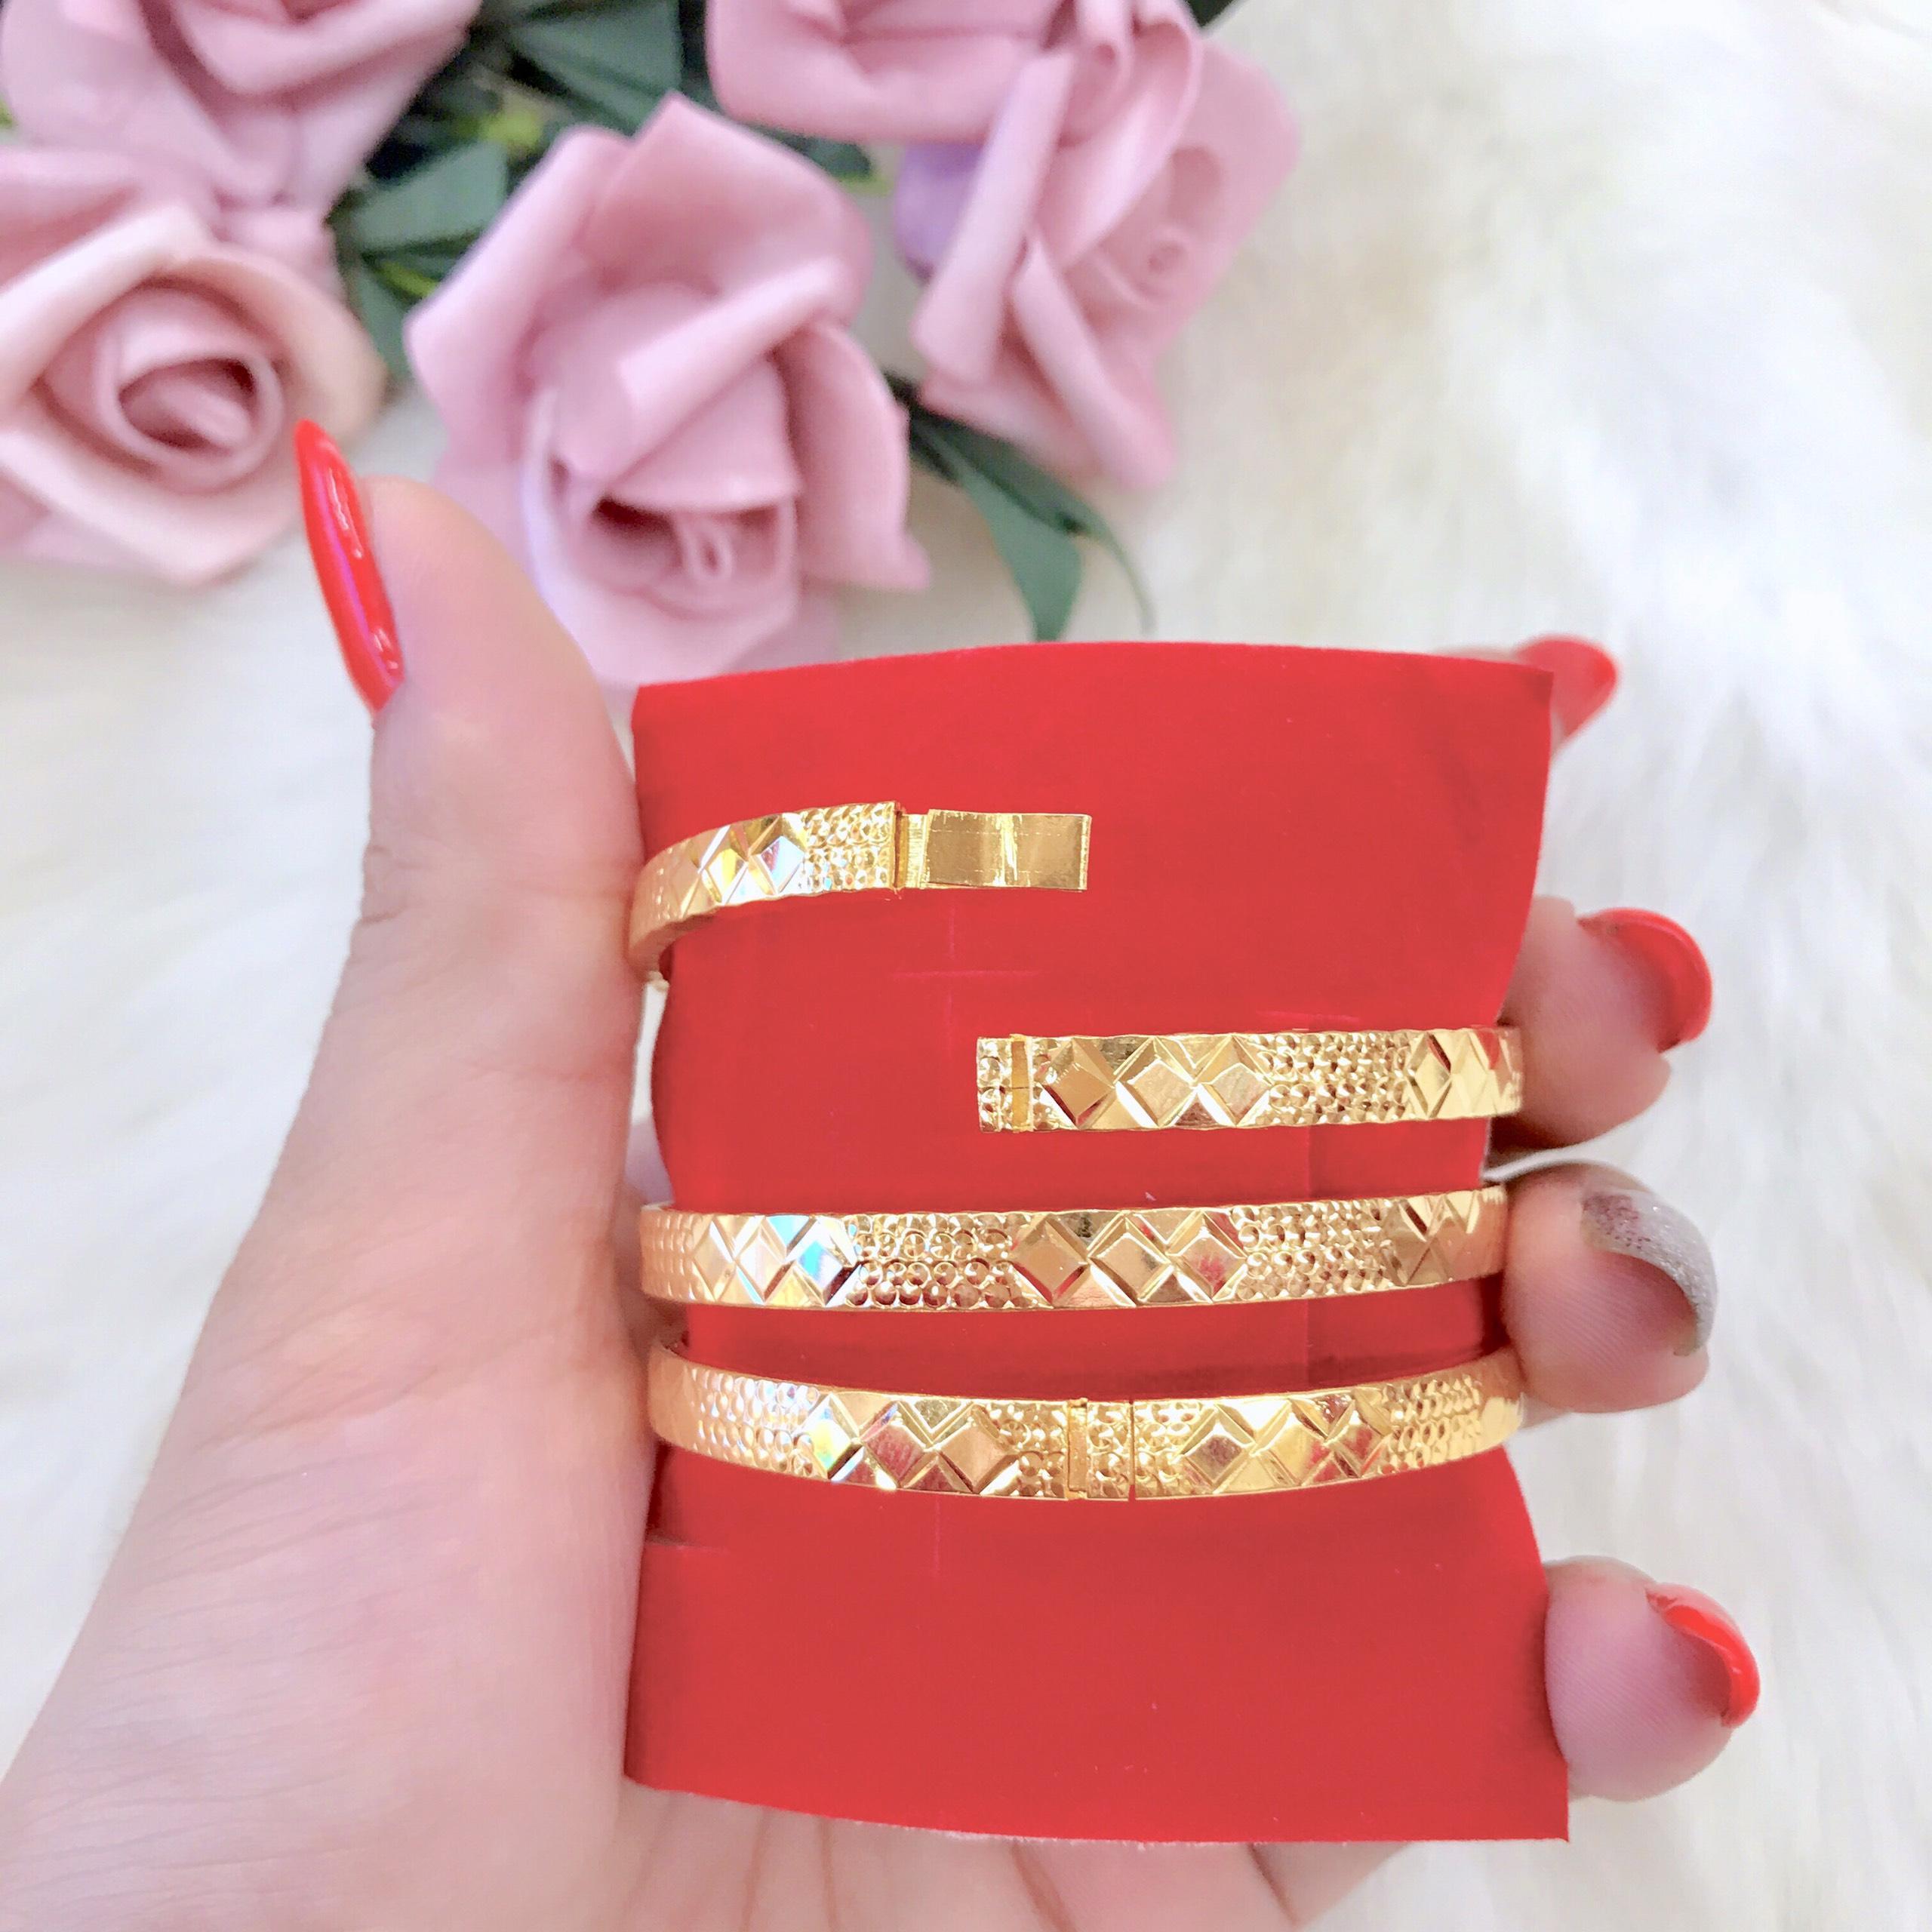 Vòng Tay Ximen 7 Chiếc Khắc Hoa Văn Sáng Như Vàng Thật - 1 Chiếc - ( Cam kết không Đen, Chất Liệu Bạc Pha Hợp Kim Cao Cấp ) - Givishop - V030629 - Dùng Đi Tiệc Và Đi Làm